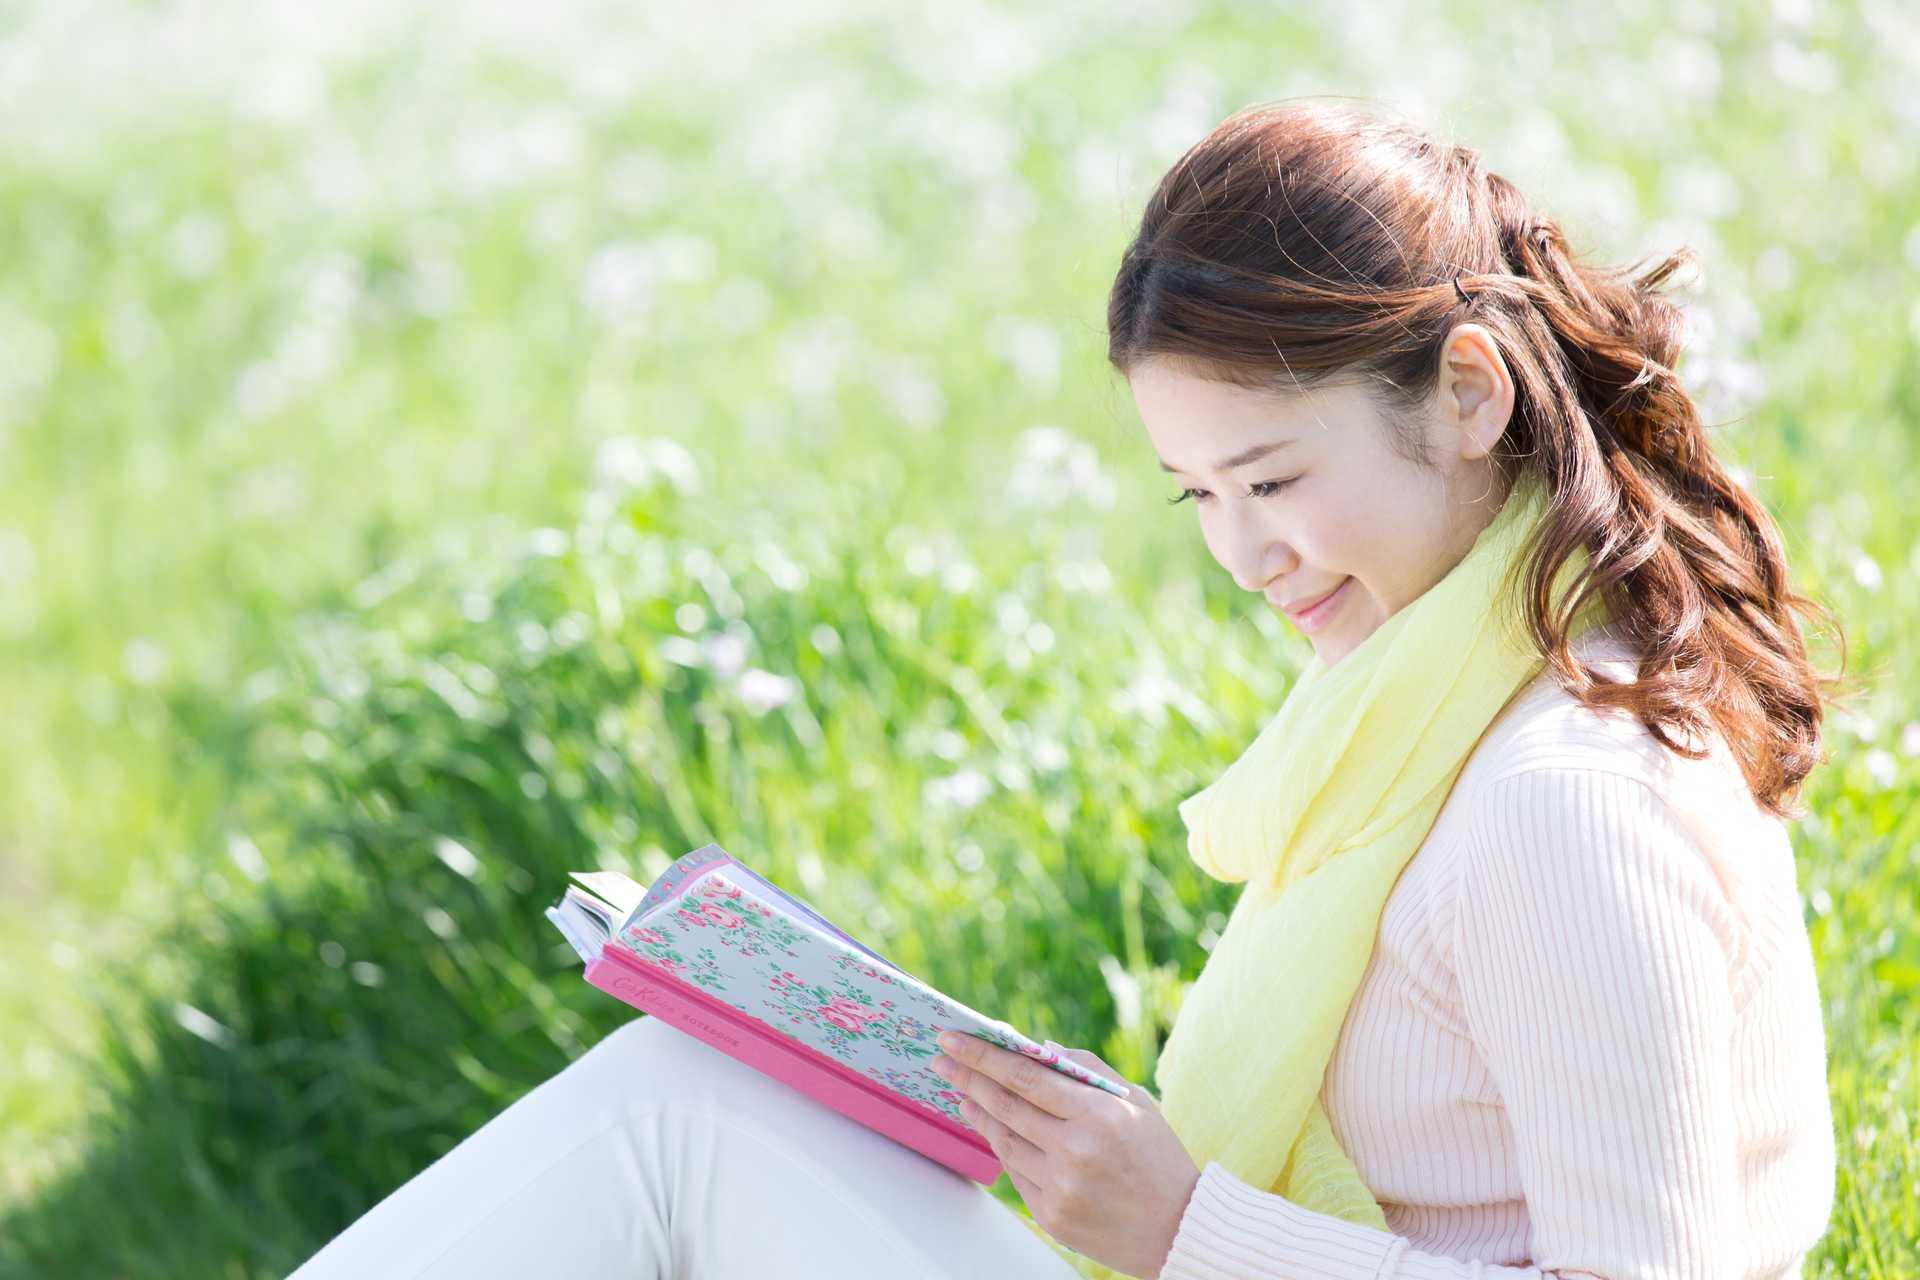 植物の専門書を持って歩くと、自然と植物への感性が磨かれる。   早朝の散歩習慣のすすめ